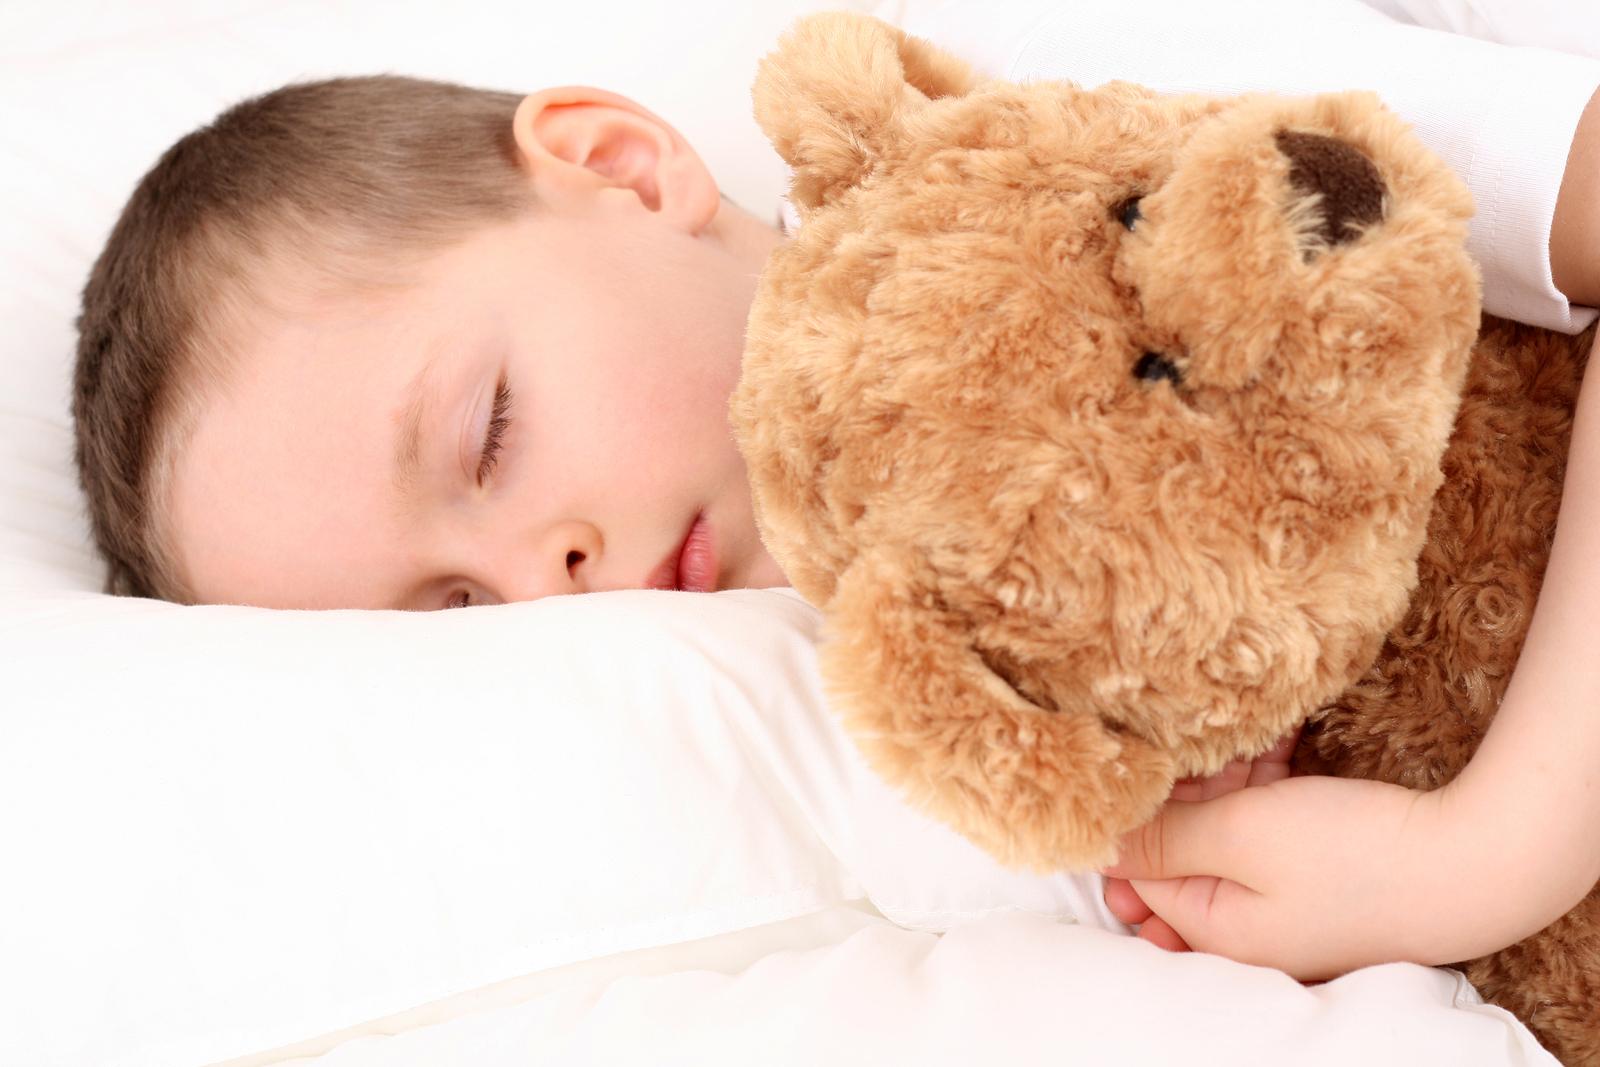 Recognising paediatric obstructive sleep apnoea